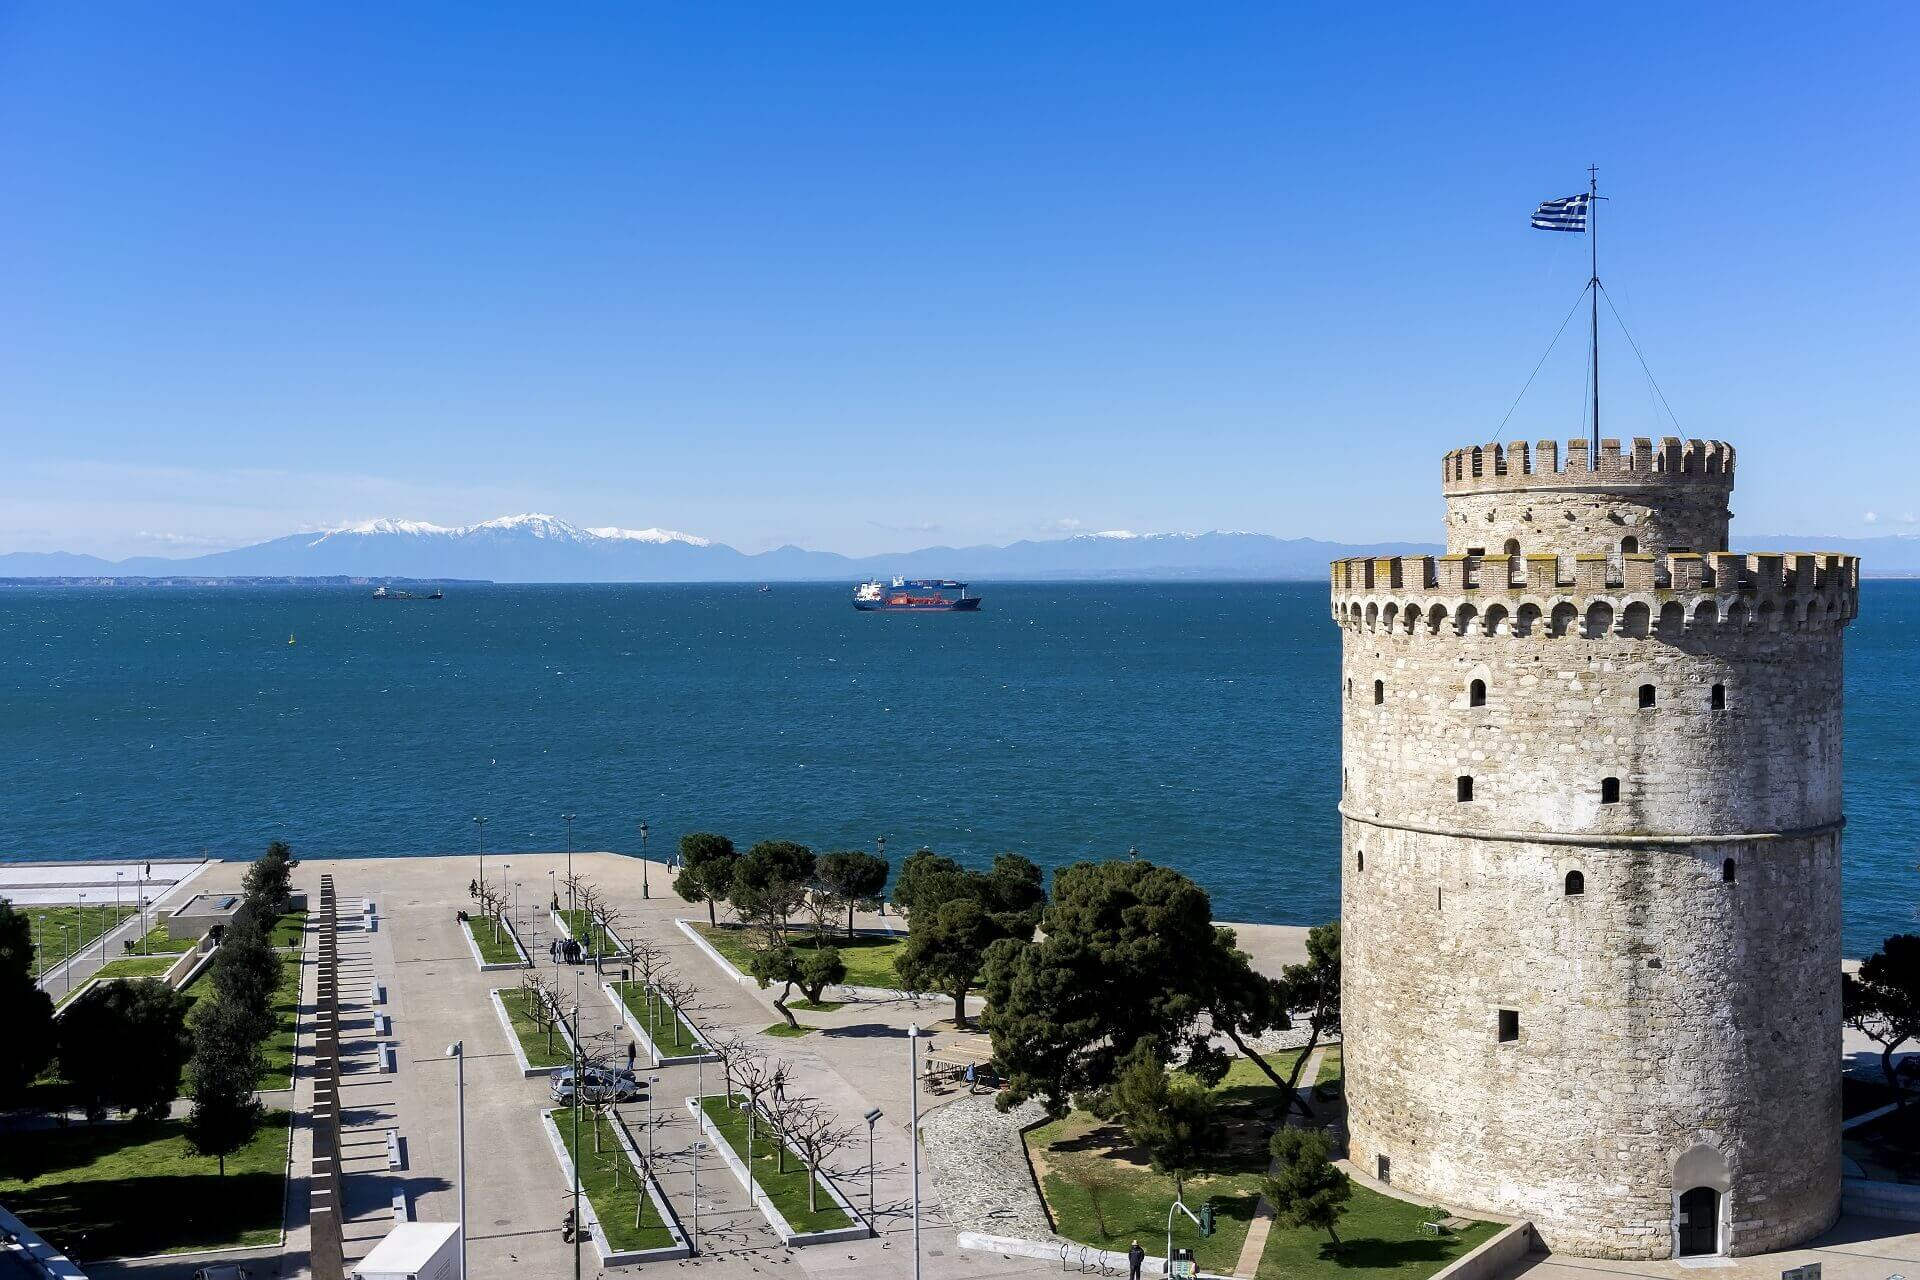 Λευκός Πύργος - Αρχαιολογικοί Χώροι Θεσσαλονίκης